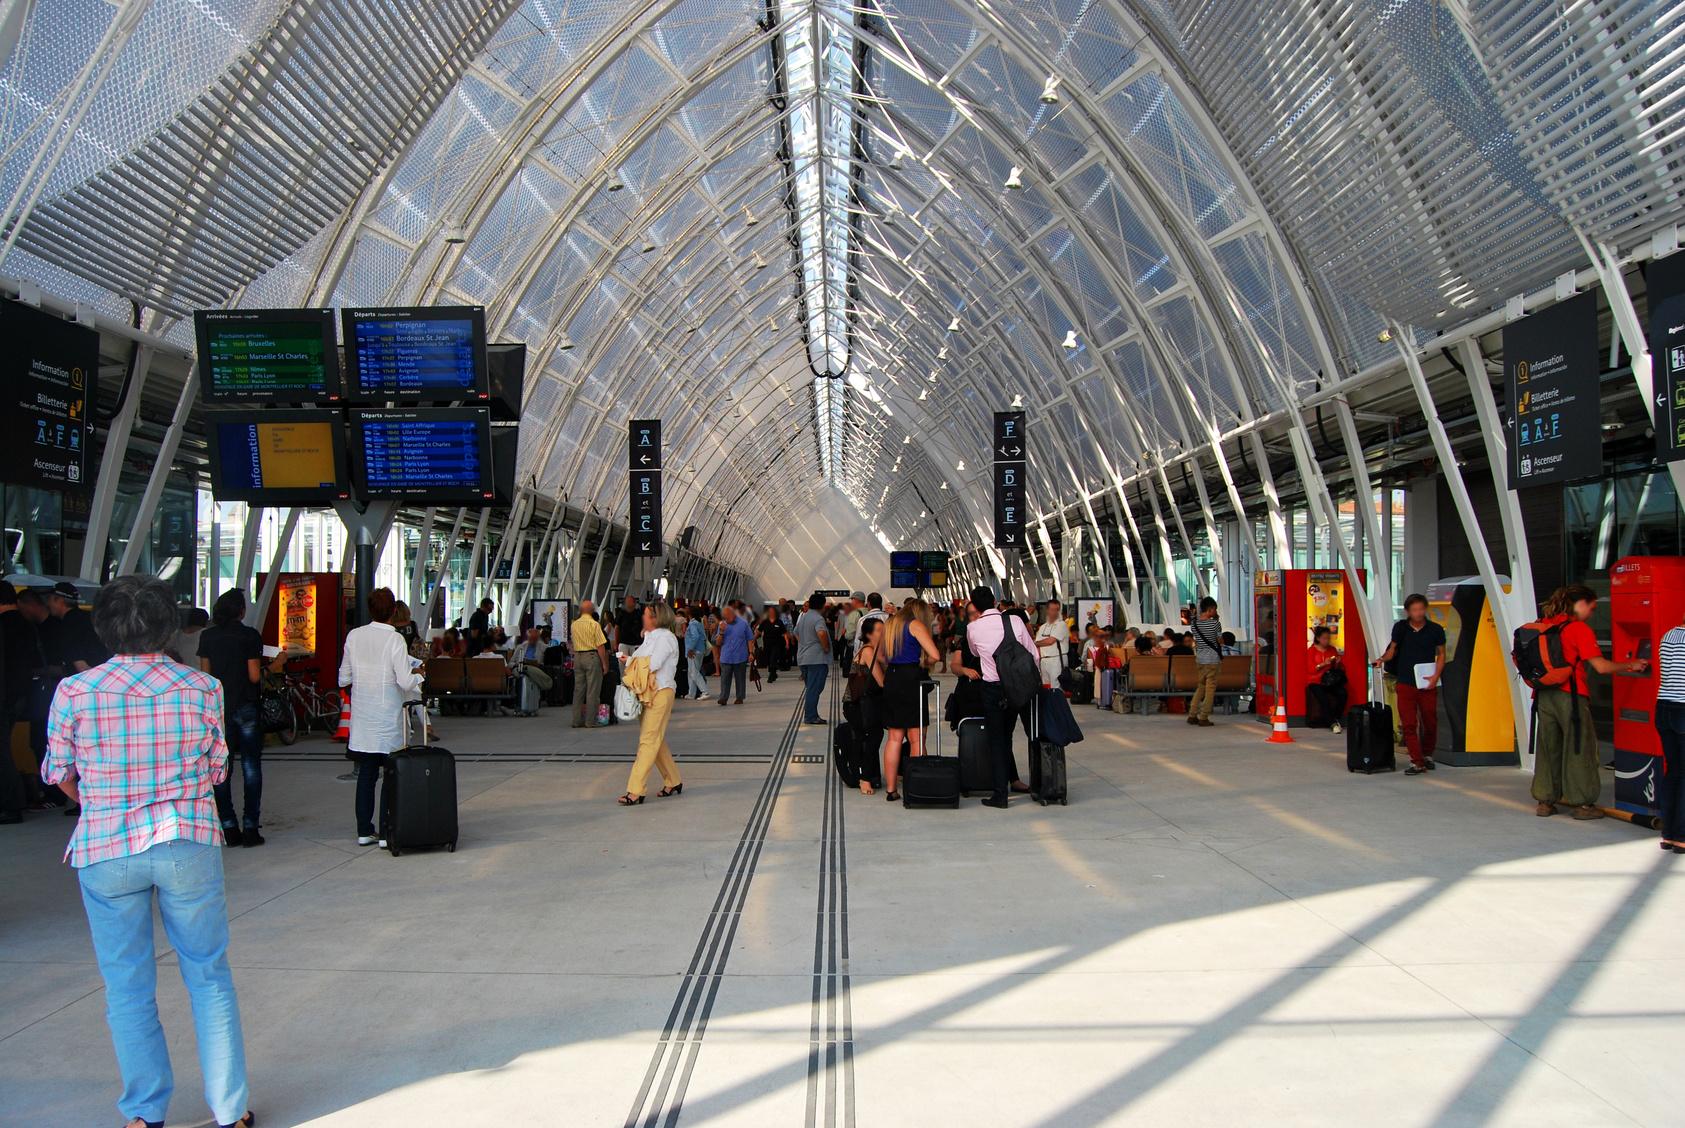 Dans quelles mesures les SAEIV permettent-ils d'améliorer l'expérience voyageur ?